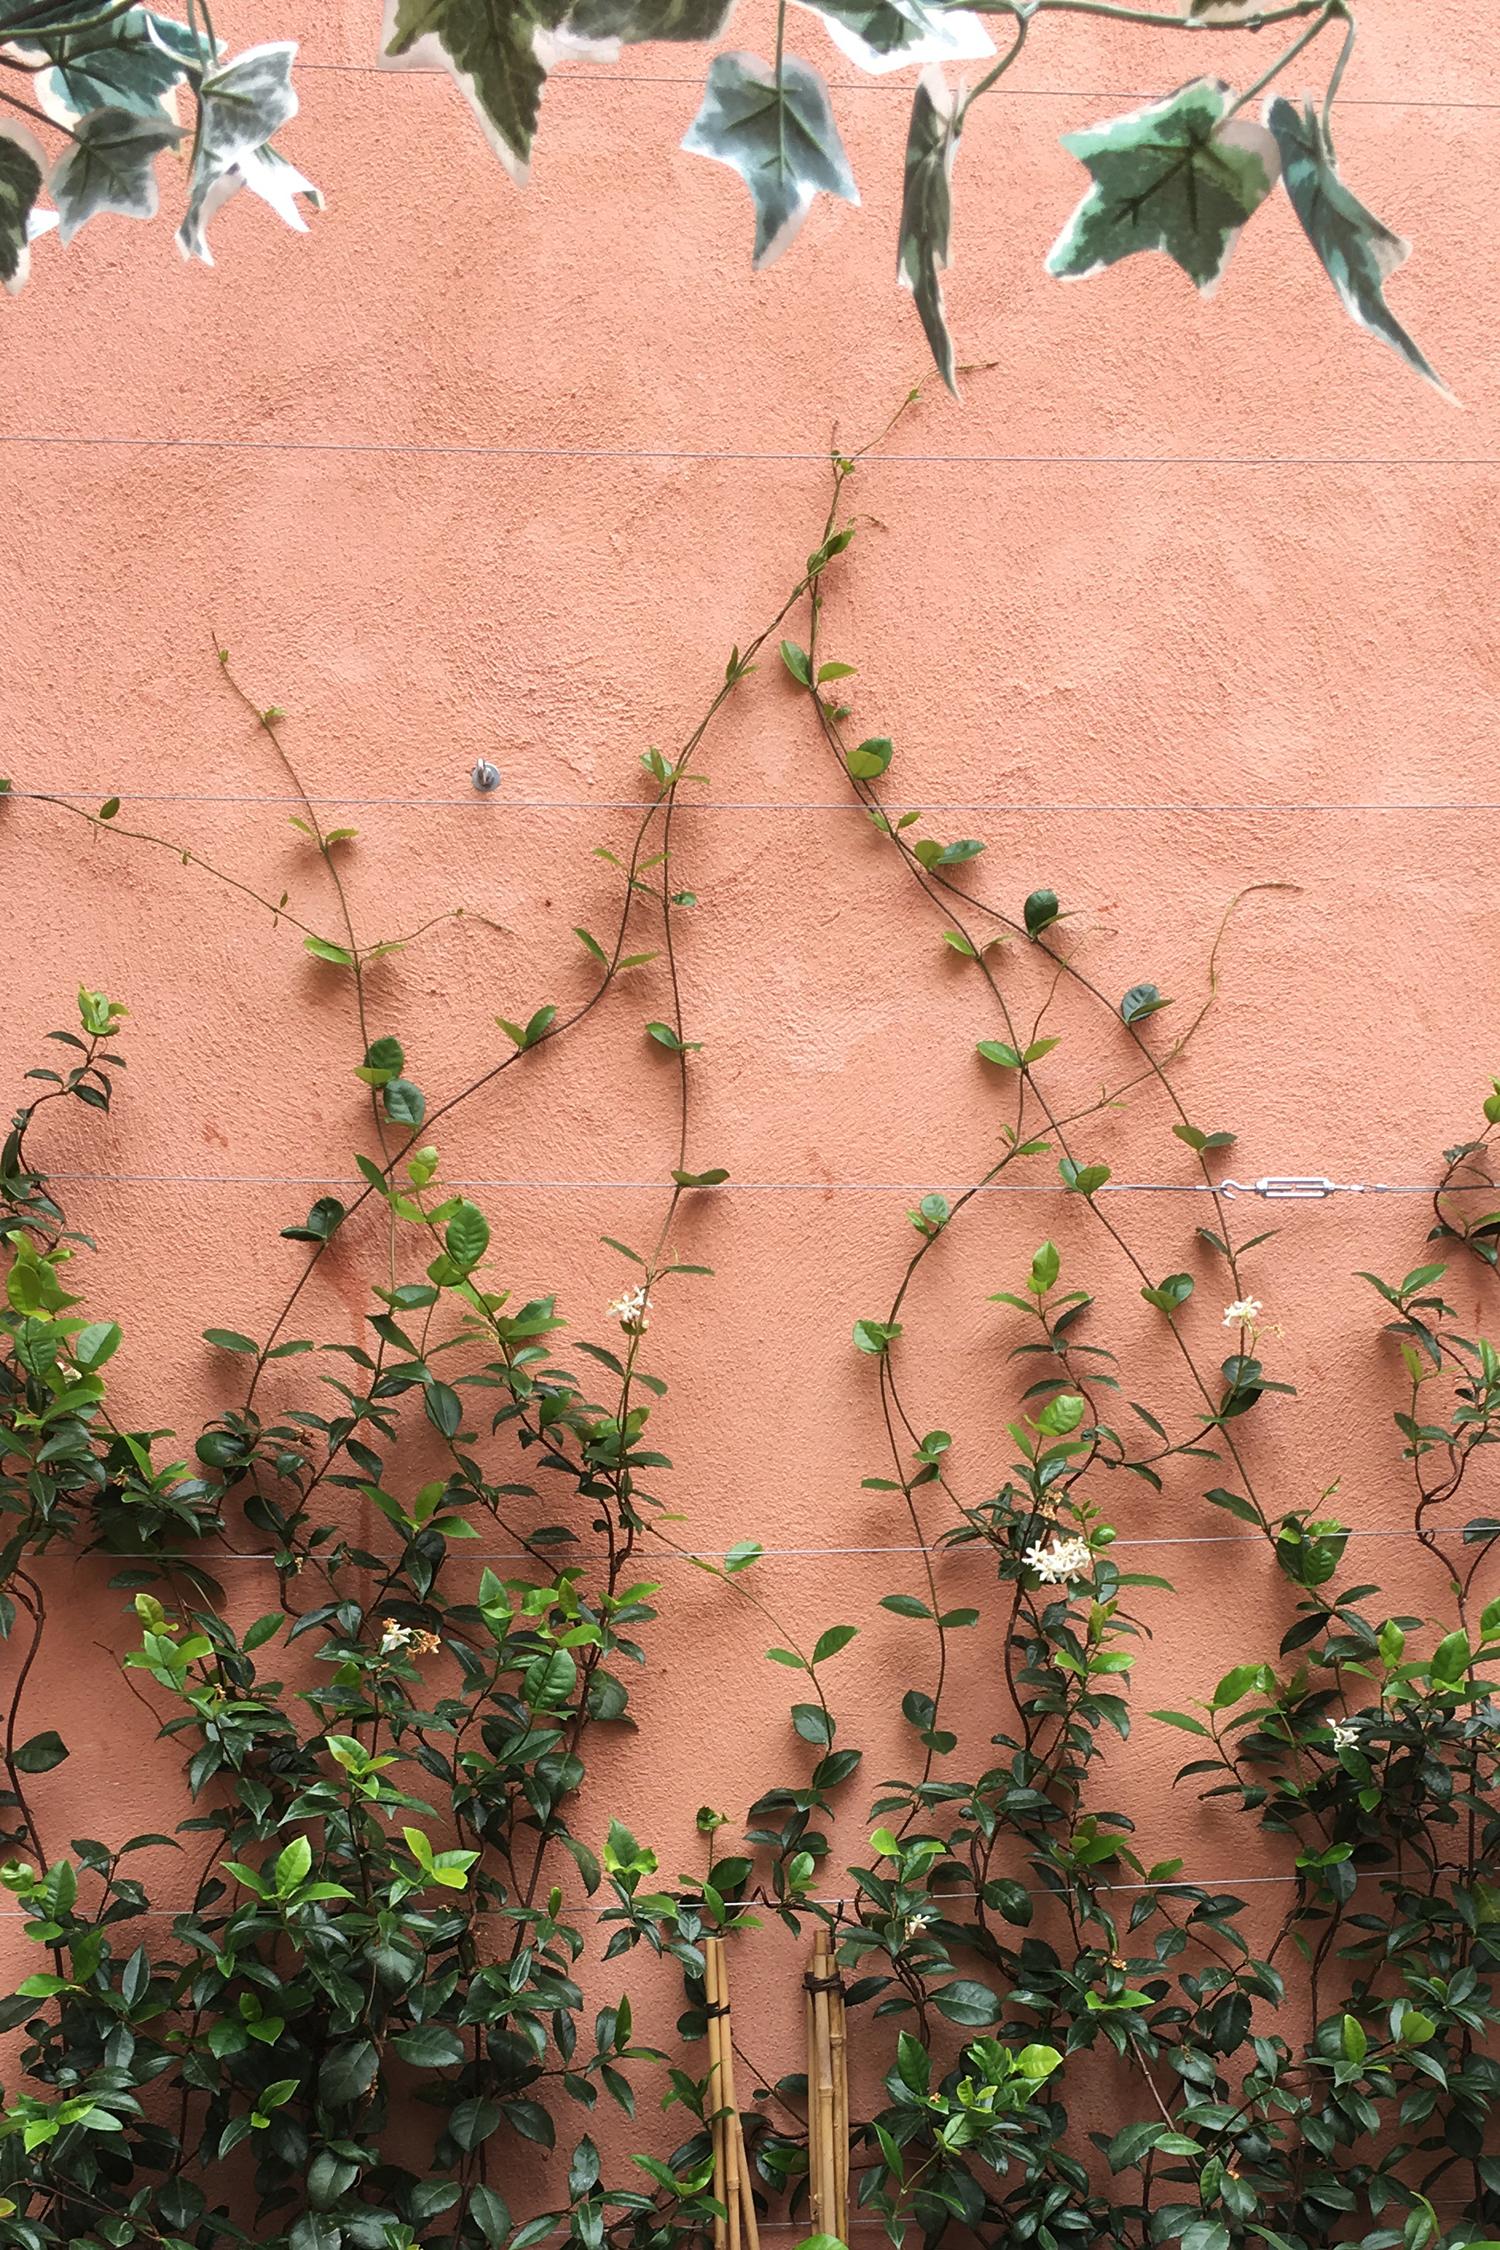 mur couleur terra cota avec des plantes vertes grimpantes